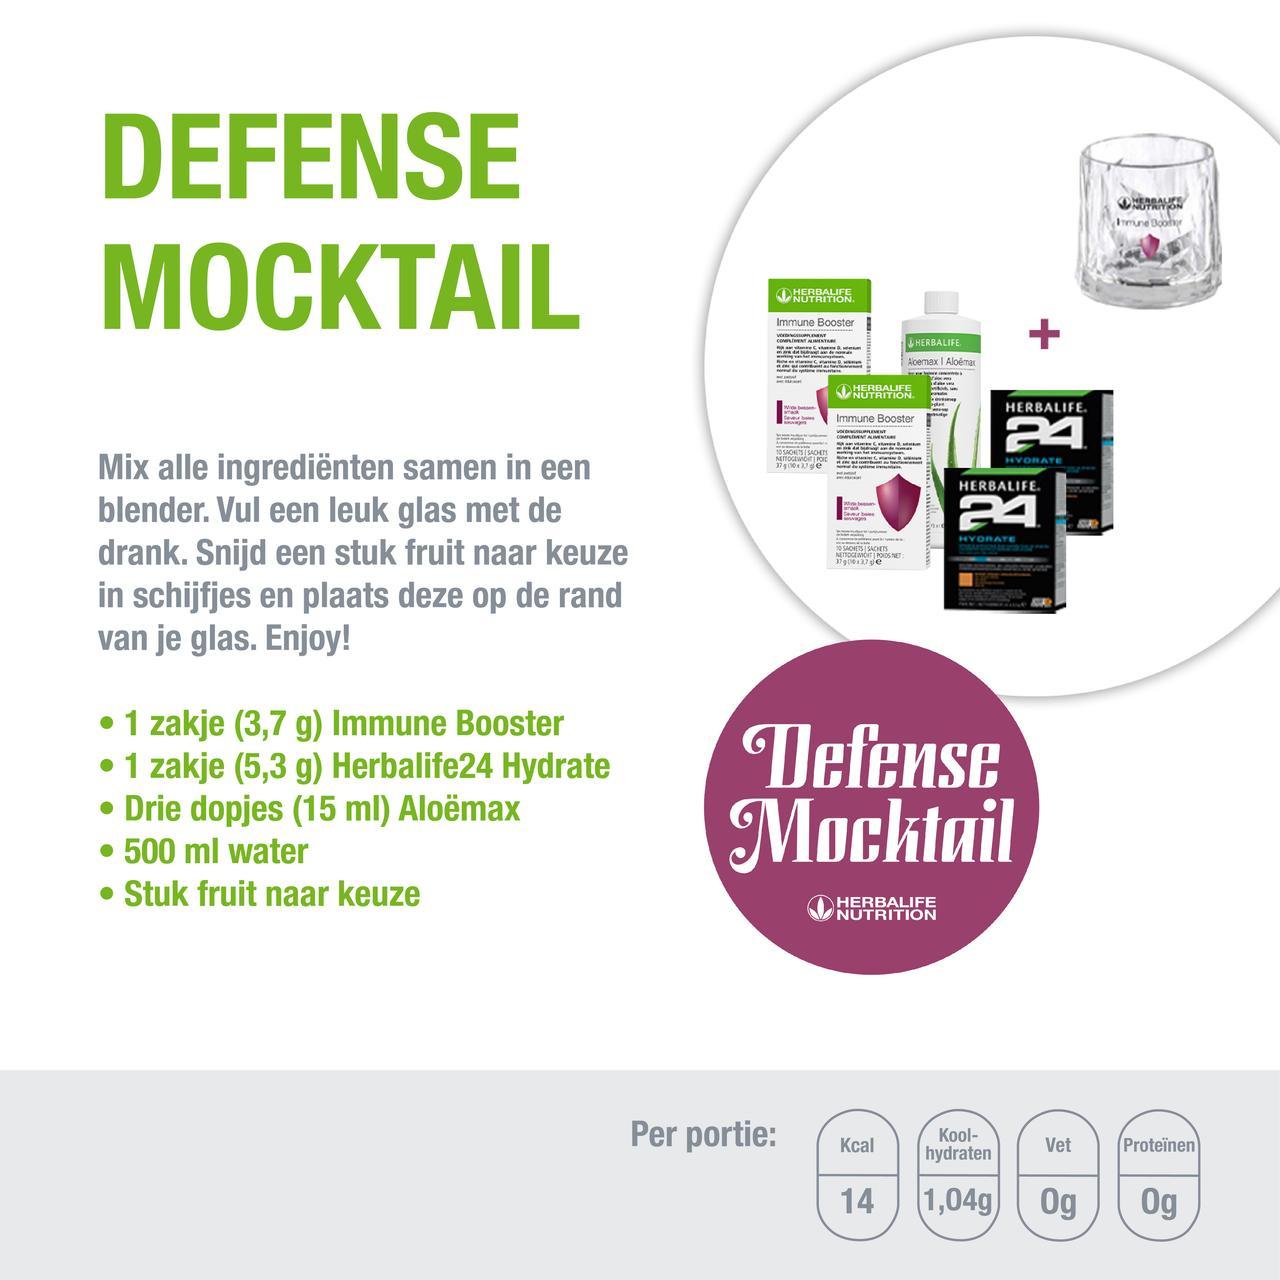 Herbalife Defense Mocktail